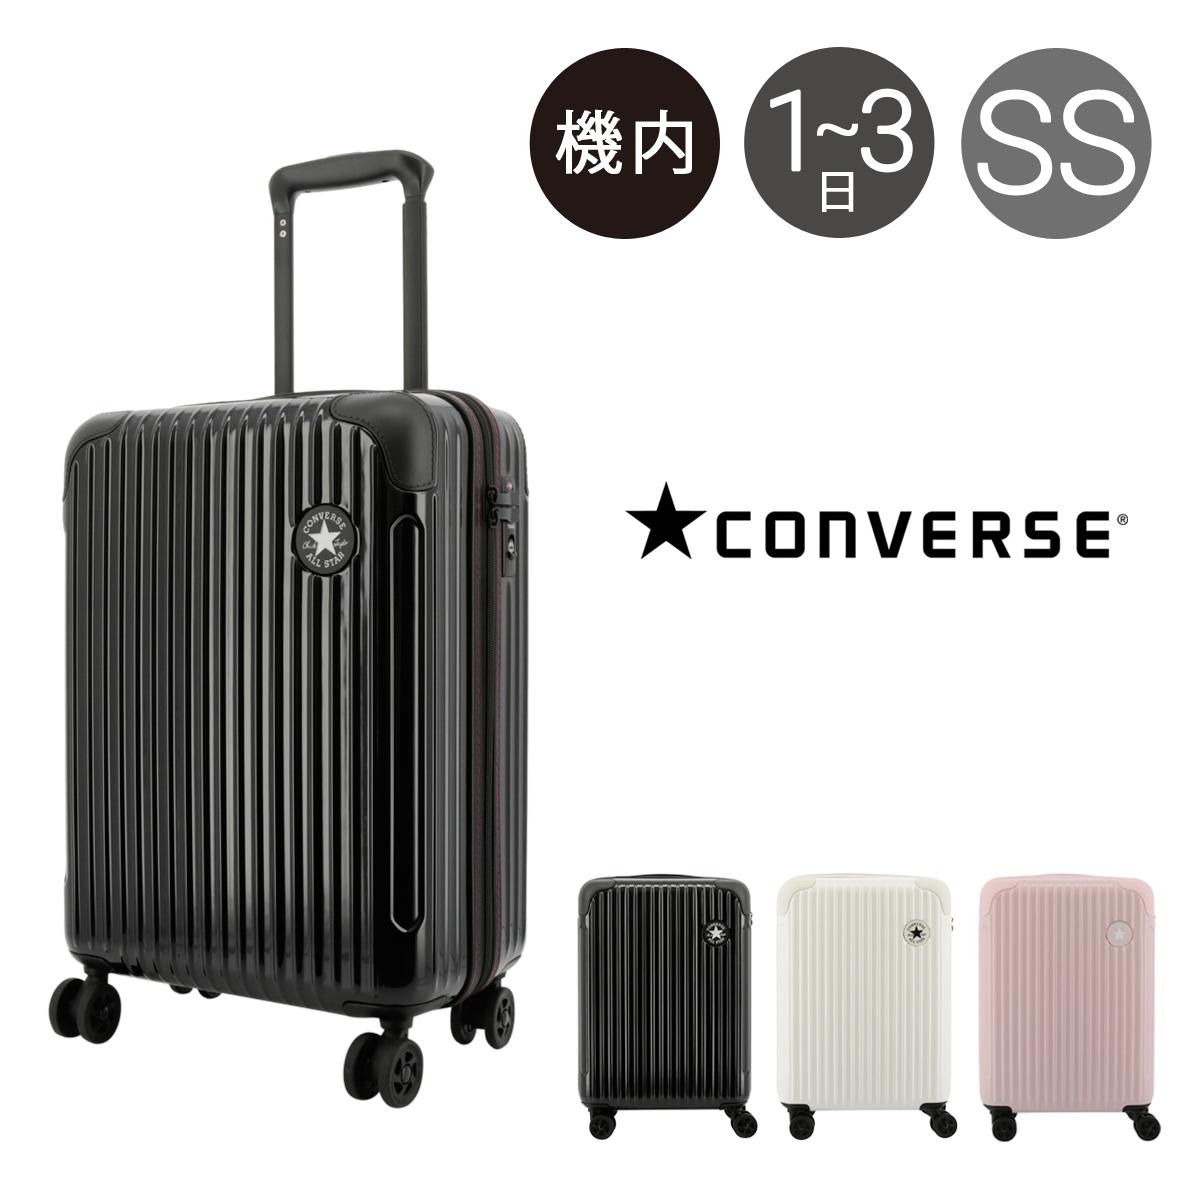 コンバース スーツケース かわいい 機内持ち込み 32L 48cm 2.8kg 16-02 CONVERSE   ハードファスナー キャリーバッグ キャリーケース TSAロック搭載 静音 軽量[PO10]